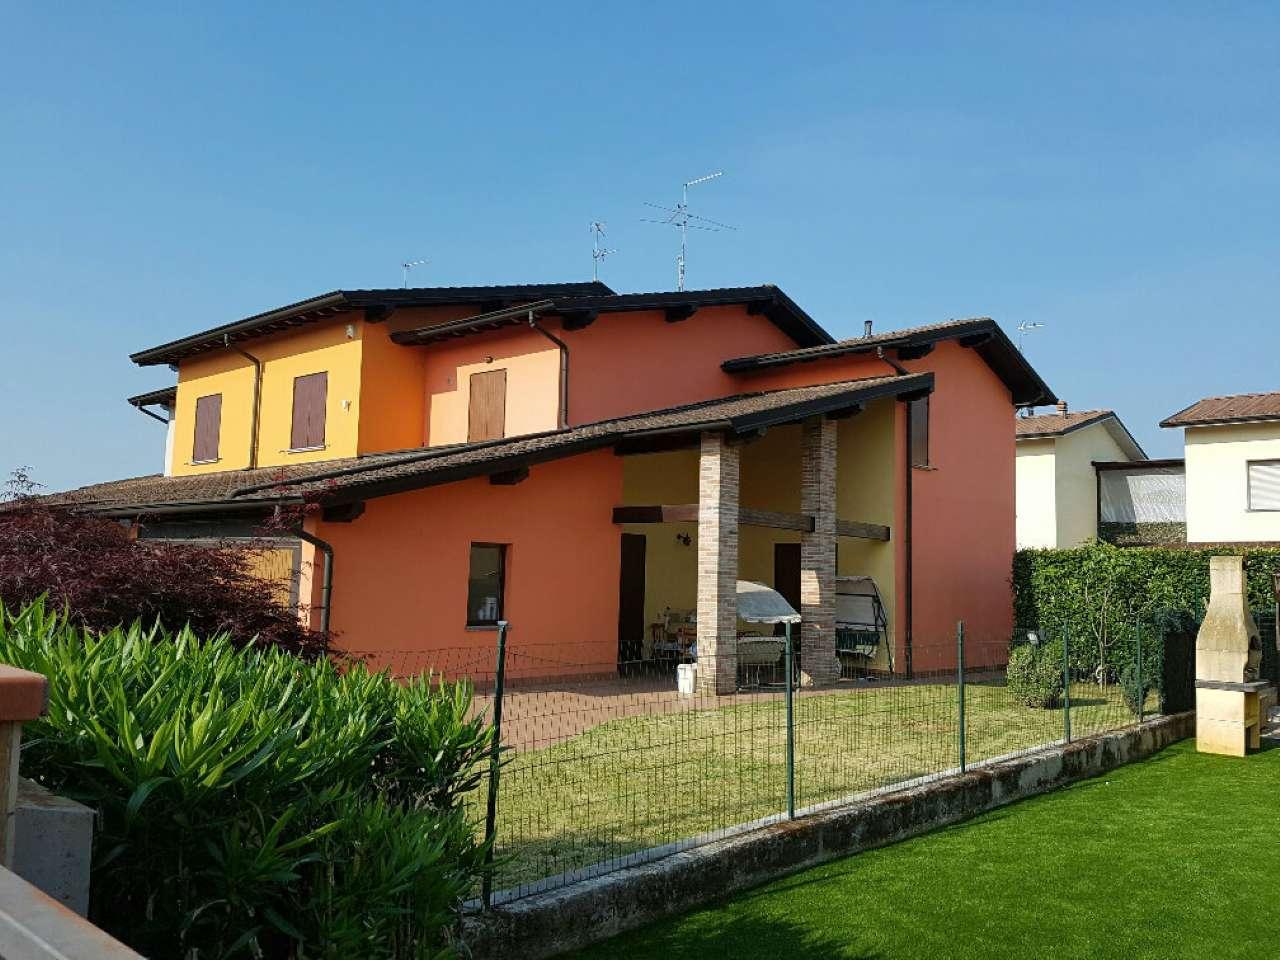 Villa in vendita a Crema, 4 locali, prezzo € 240.000 | CambioCasa.it